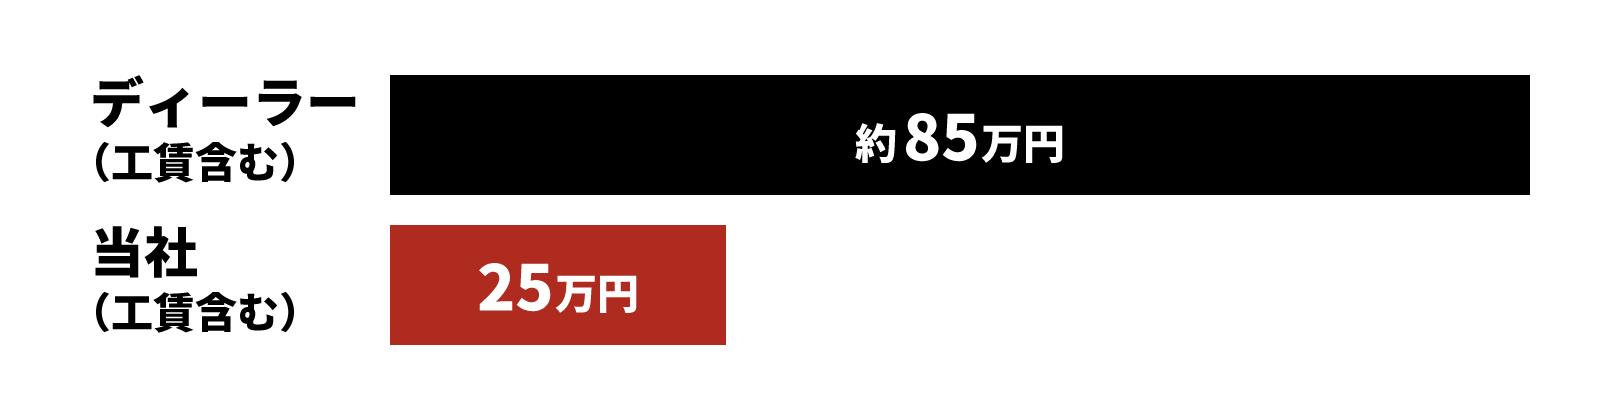 ディーラー(工賃含む)→約85万円 当社(工賃含む)→25万円